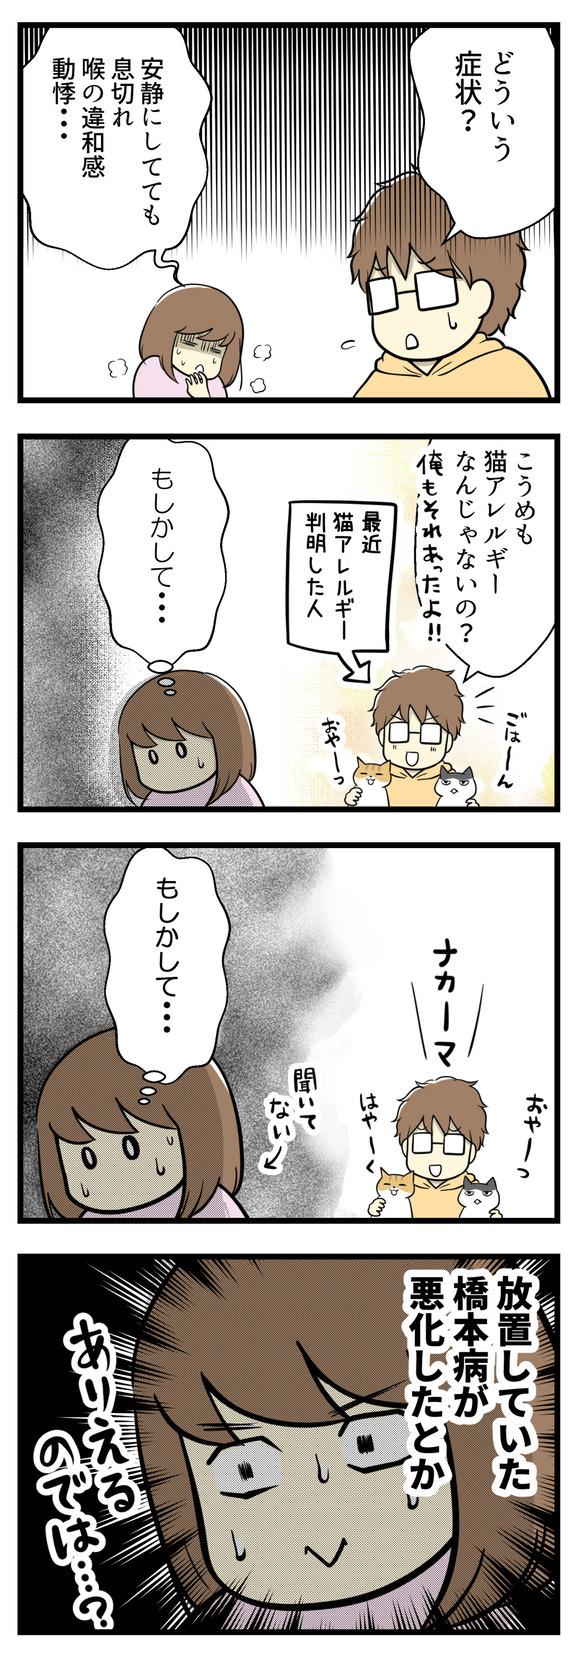 橋本病悪化を疑い病院へ-2-